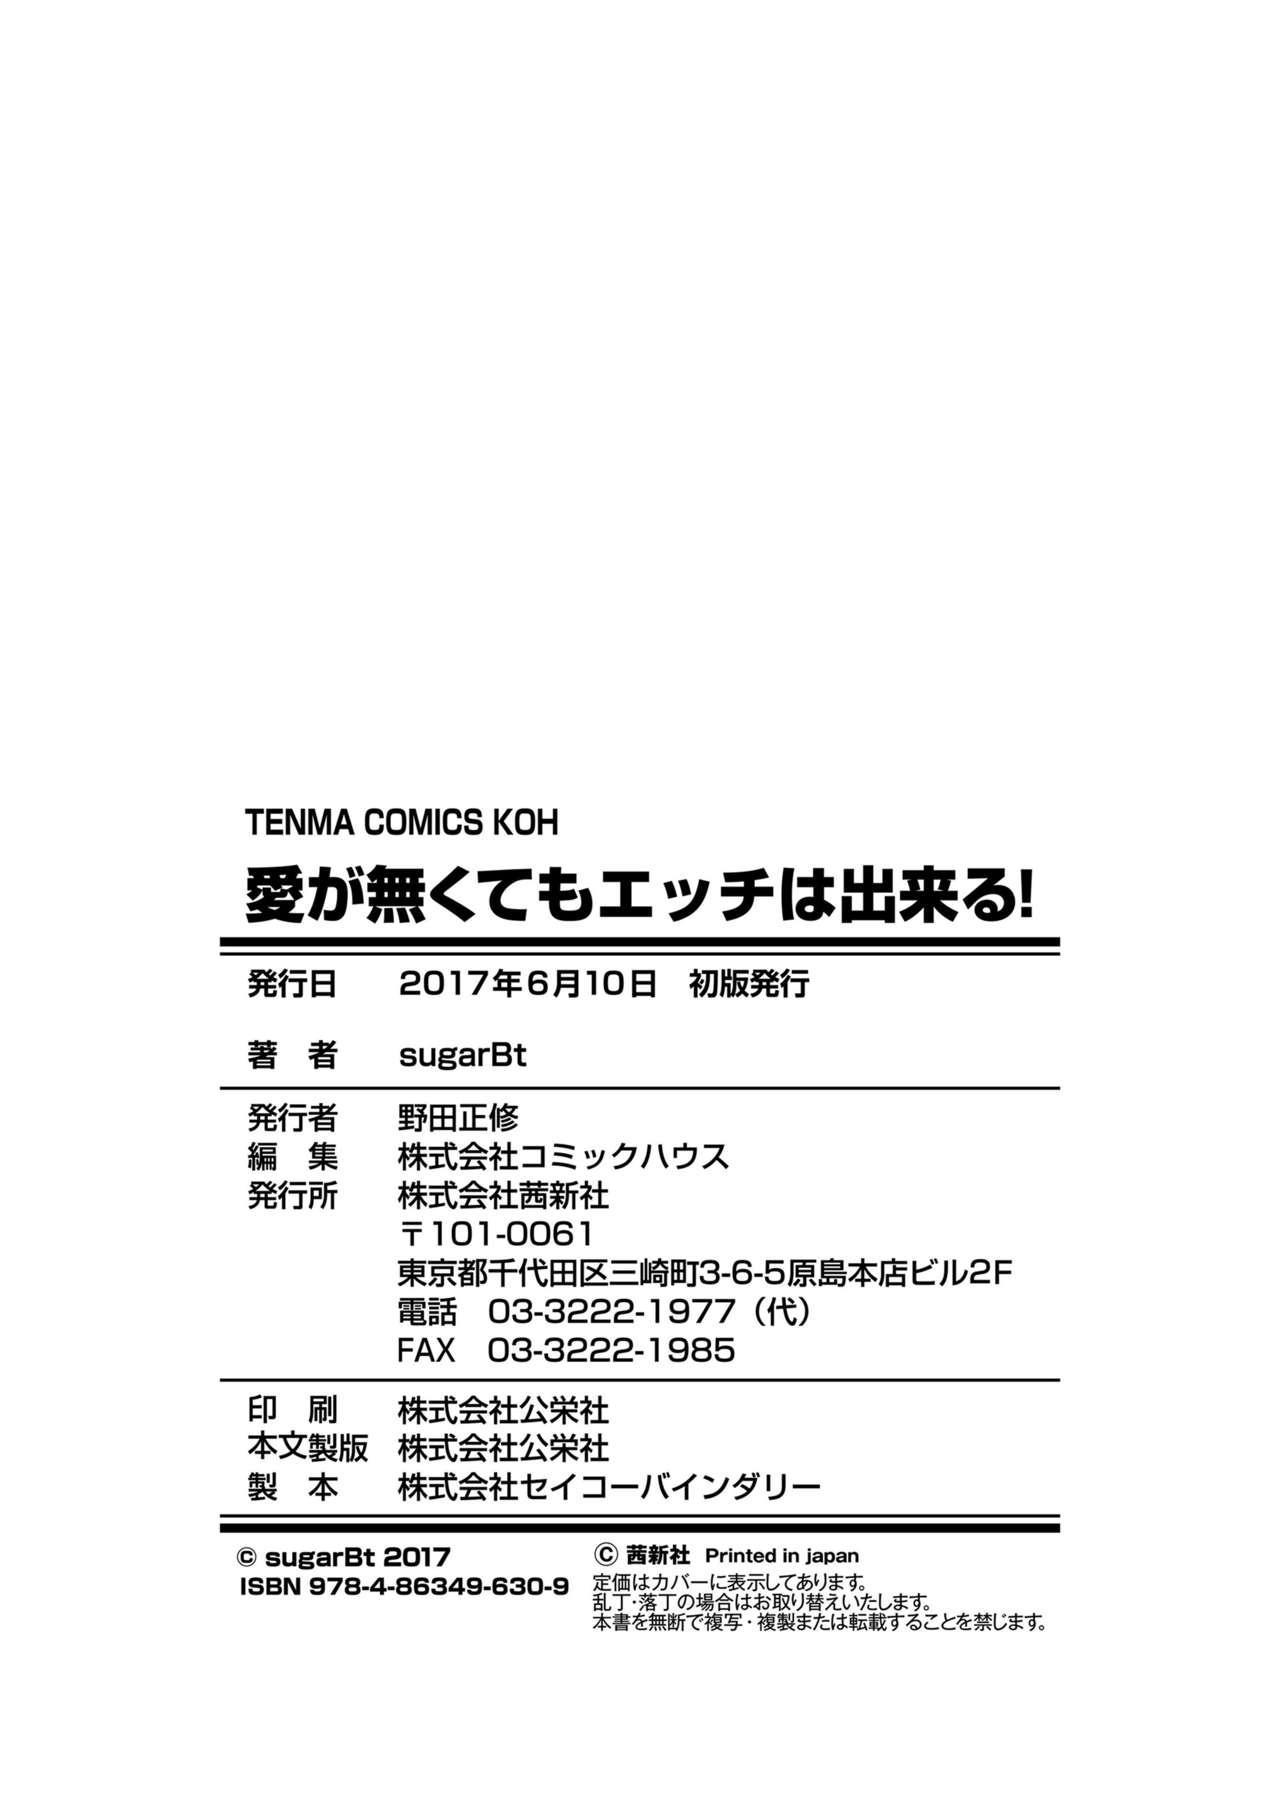 Ai ga Nakutemo Ecchi wa Dekiru! - Even if There is No Love You Can H! 209